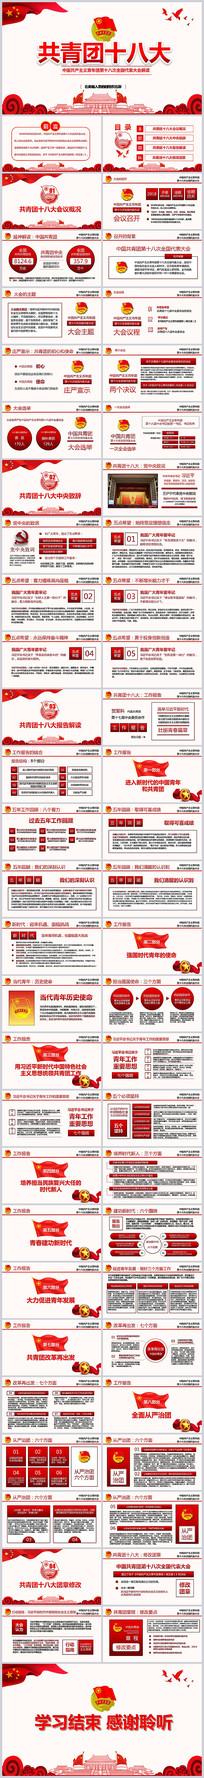 中国共青团十八大会议PPT